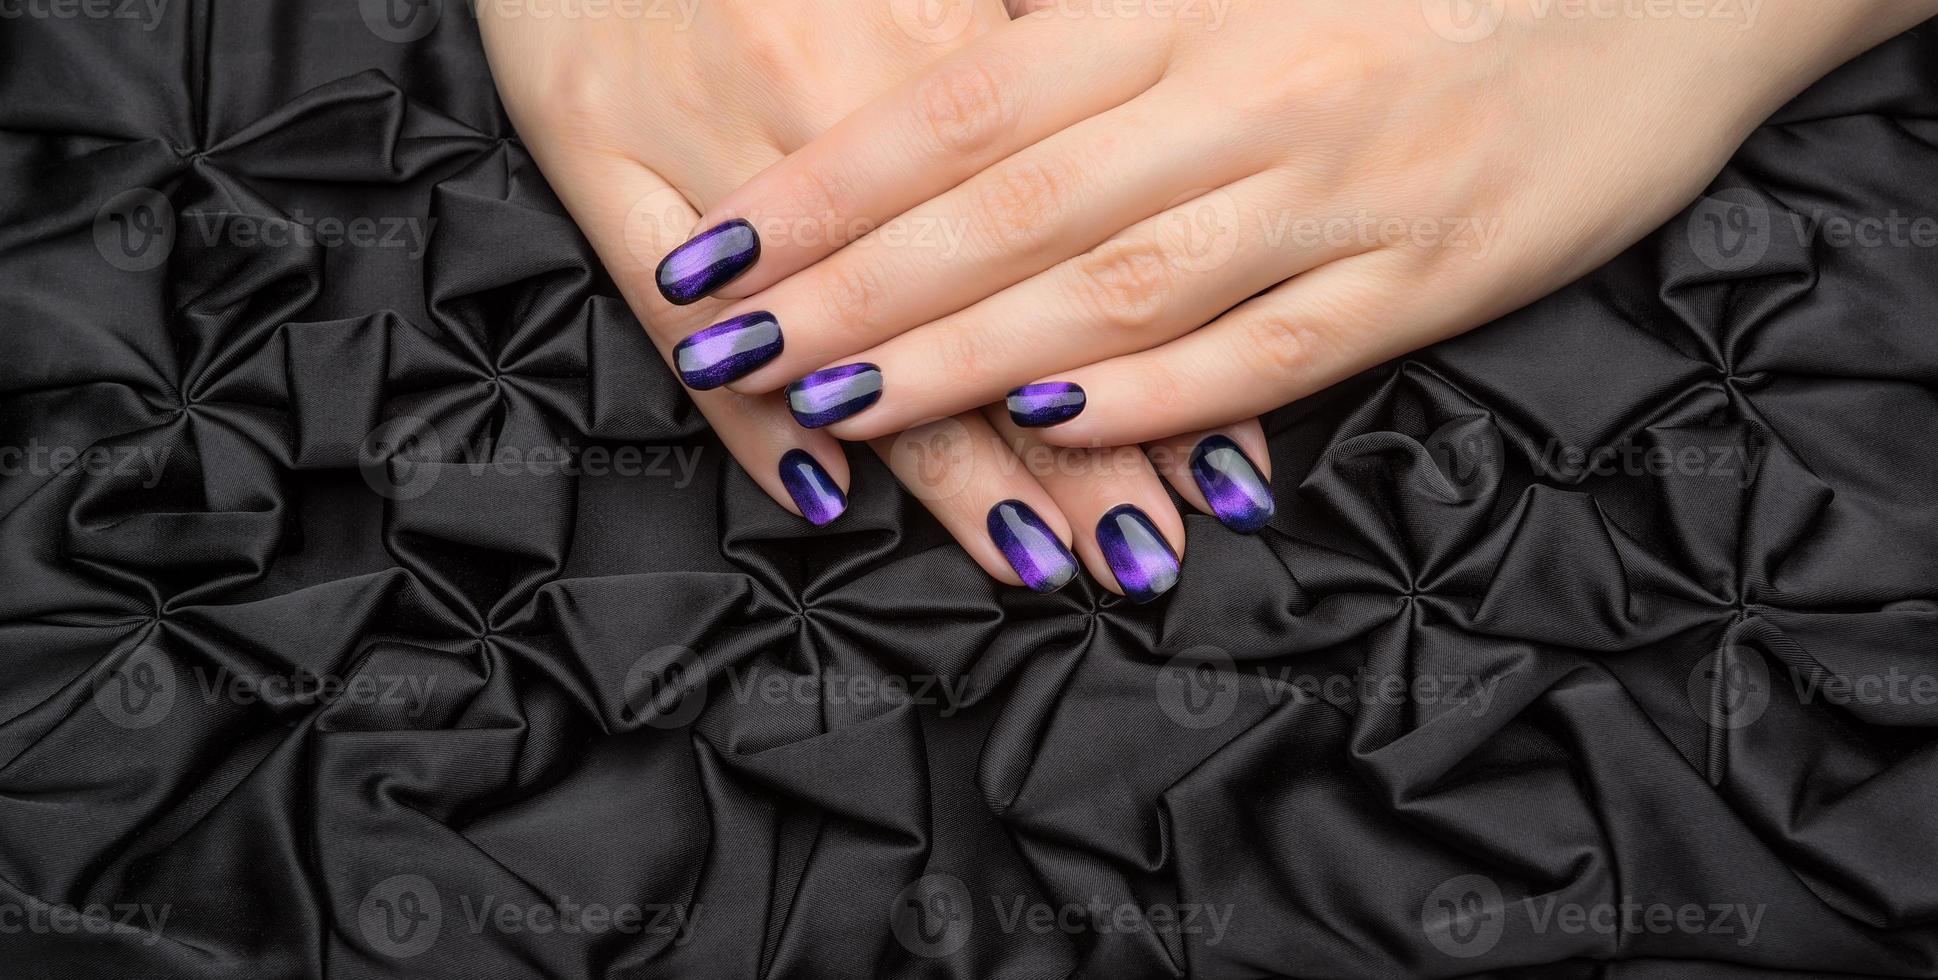 Beautiful woman's nails with nice stylish manicure. photo